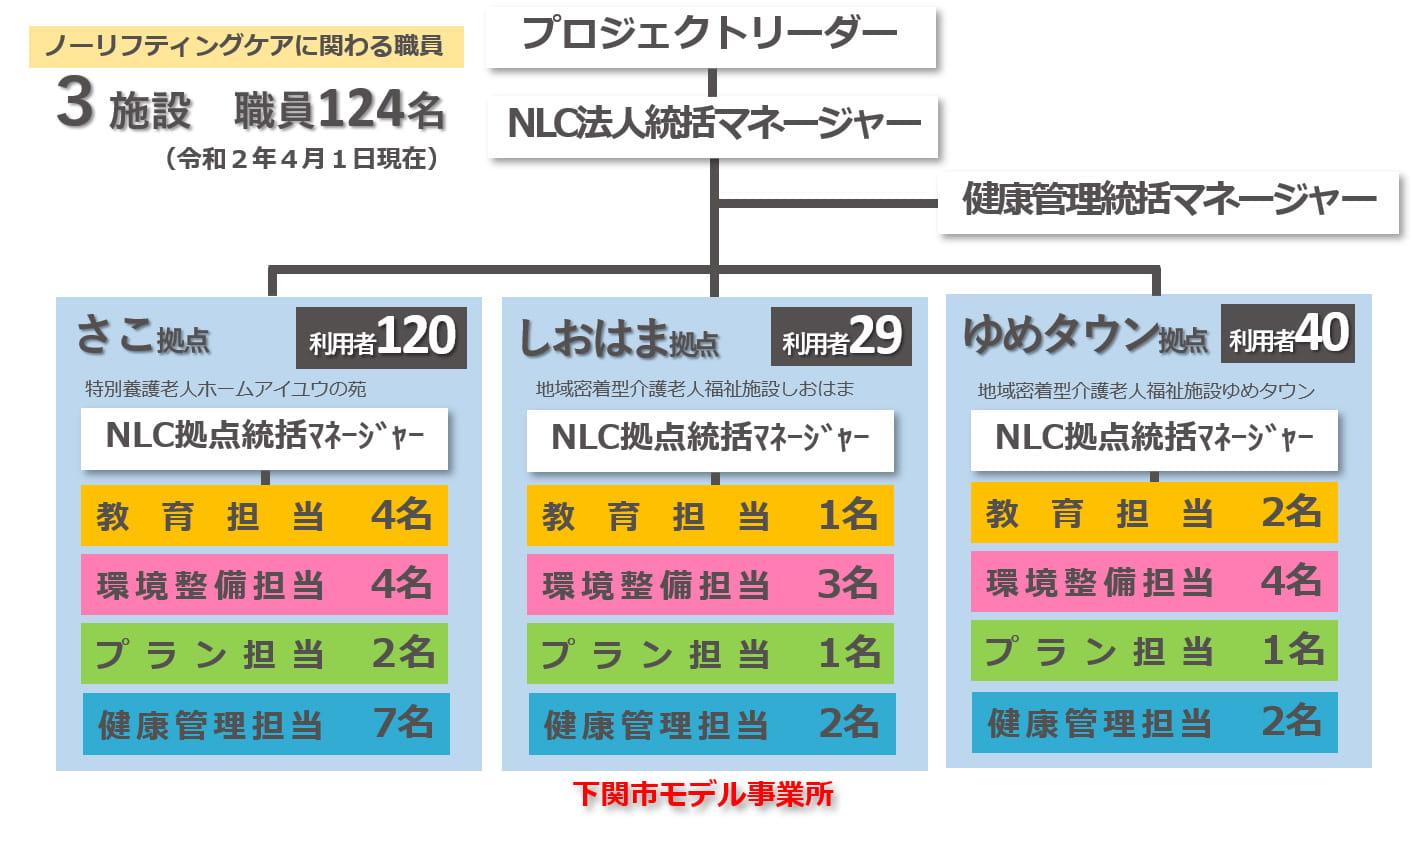 松美会ノーリフティングケア推進体制01